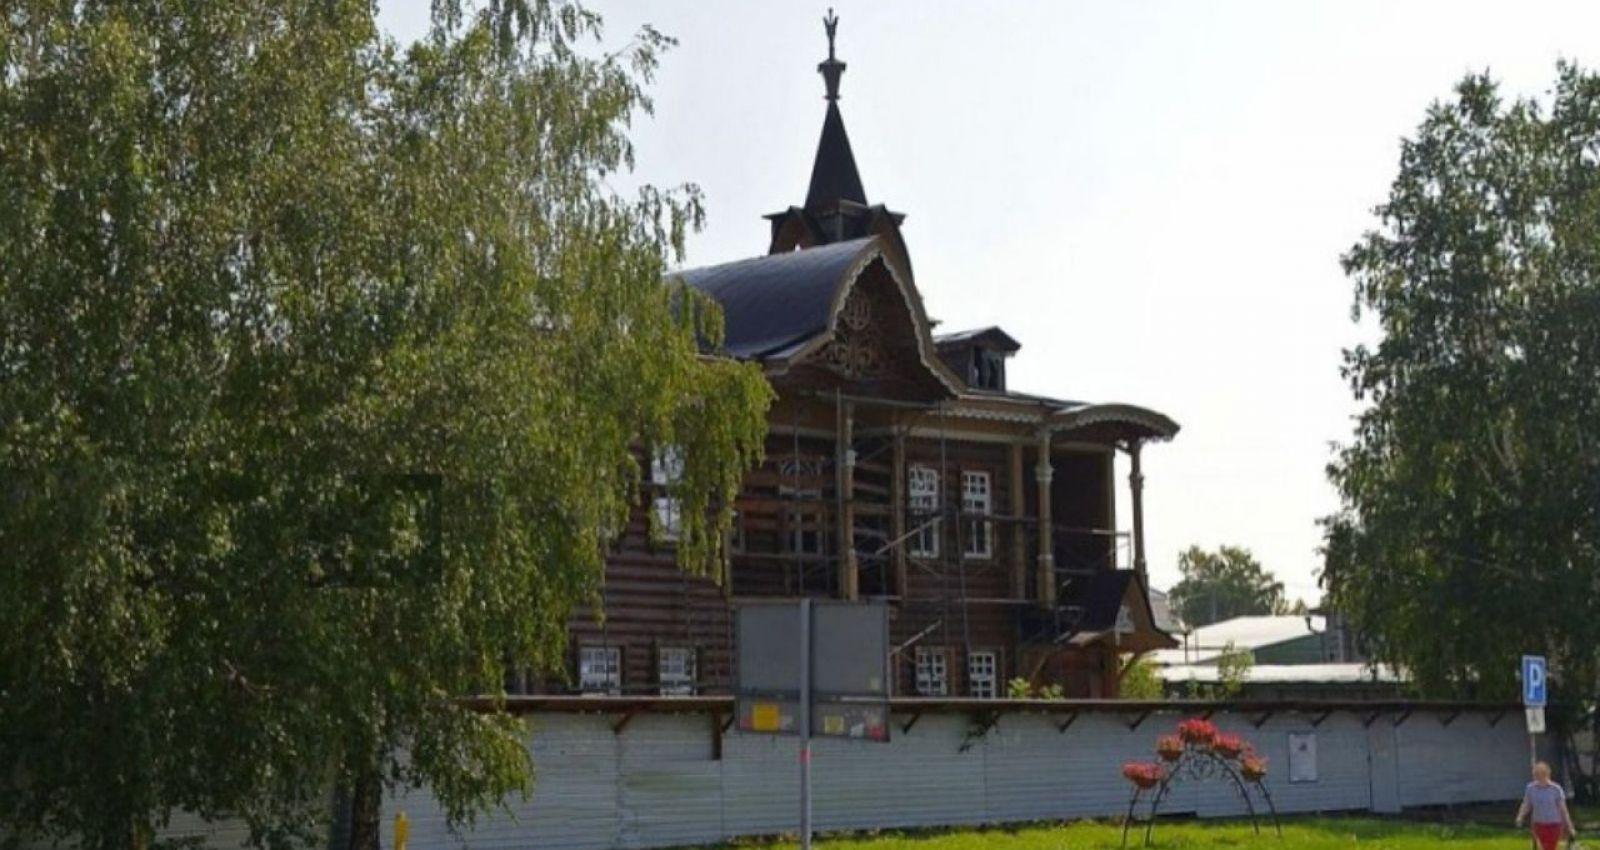 В Барнауле купили исторический особняк «Русский чай» за 15,6 млн рублей